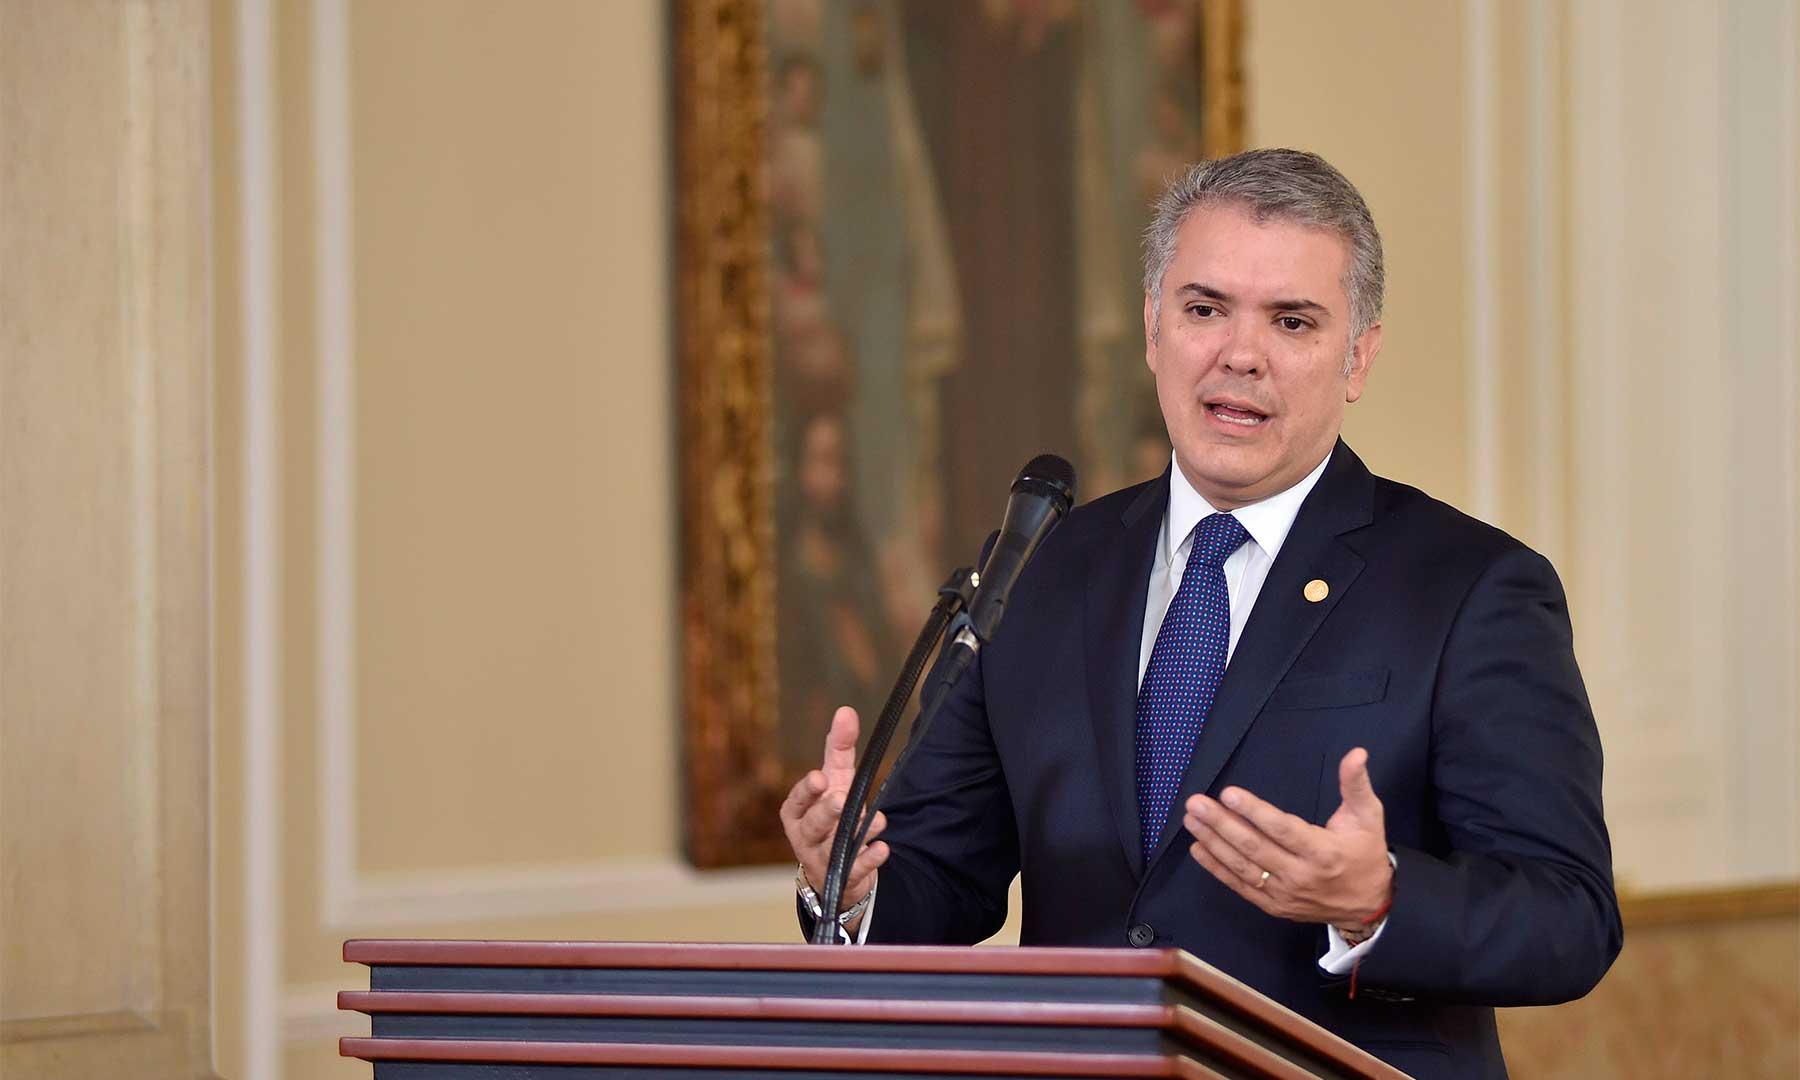 Presidente Duque anunció la recompensa de $3.000 millones por cada delincuente del video de alias 'Iván Márquez'